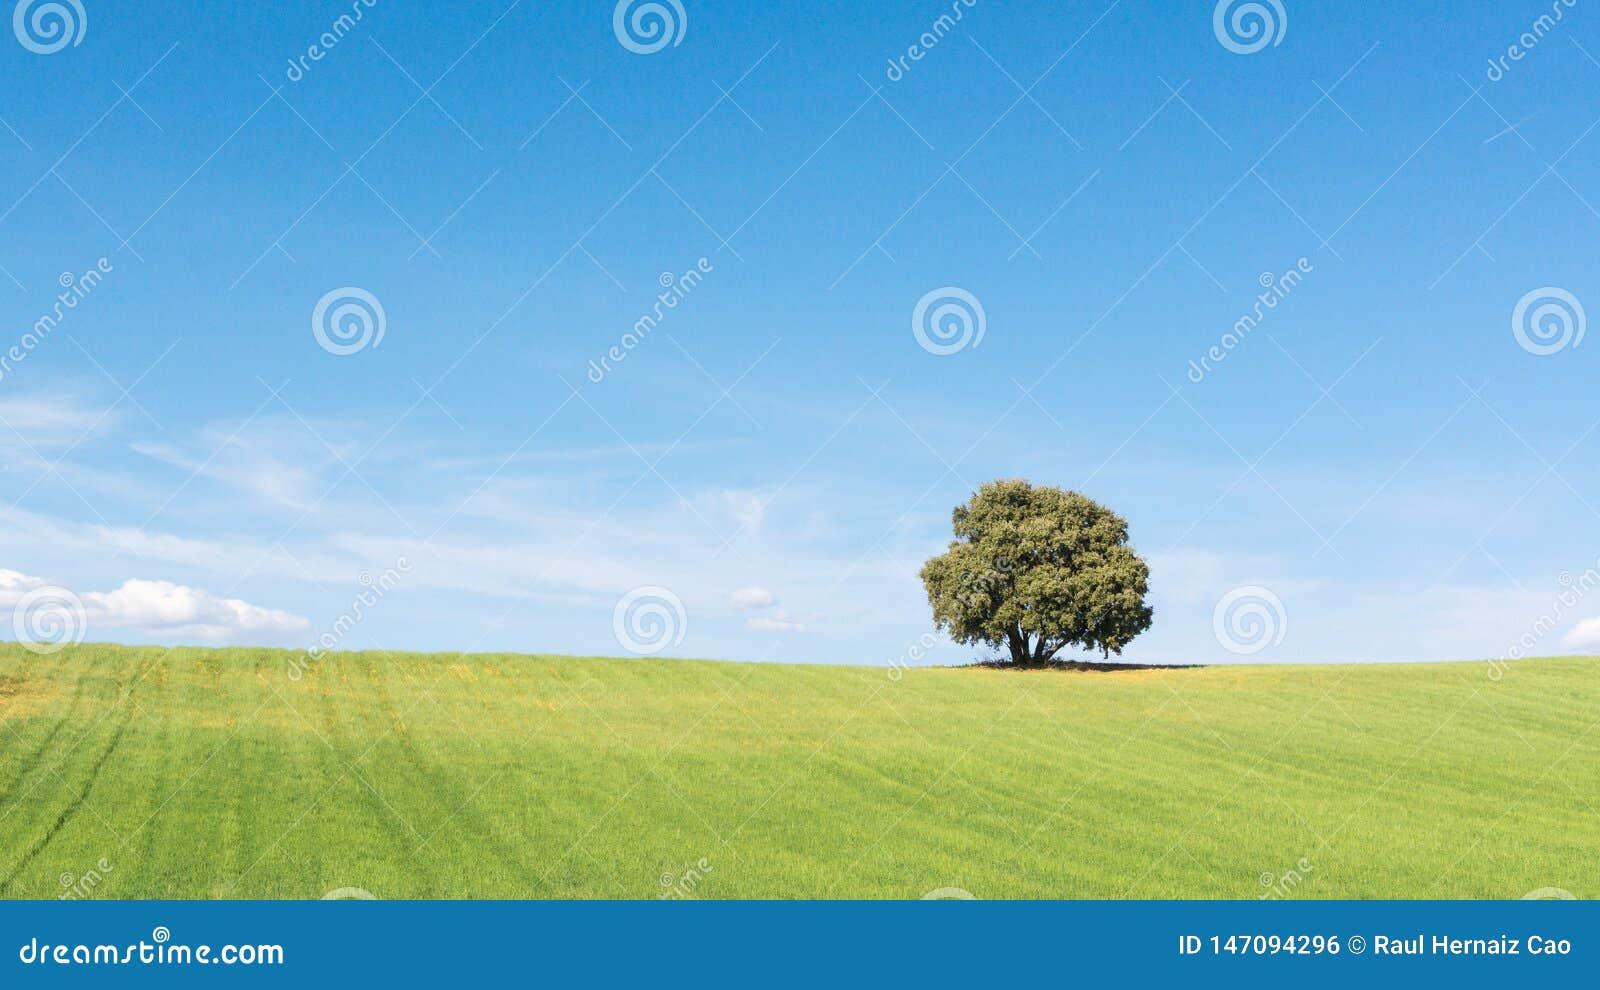 Punto di vista di stupore della quercia di leccio isolato su un giacimento di grano verde, sotto un cielo blu pulito